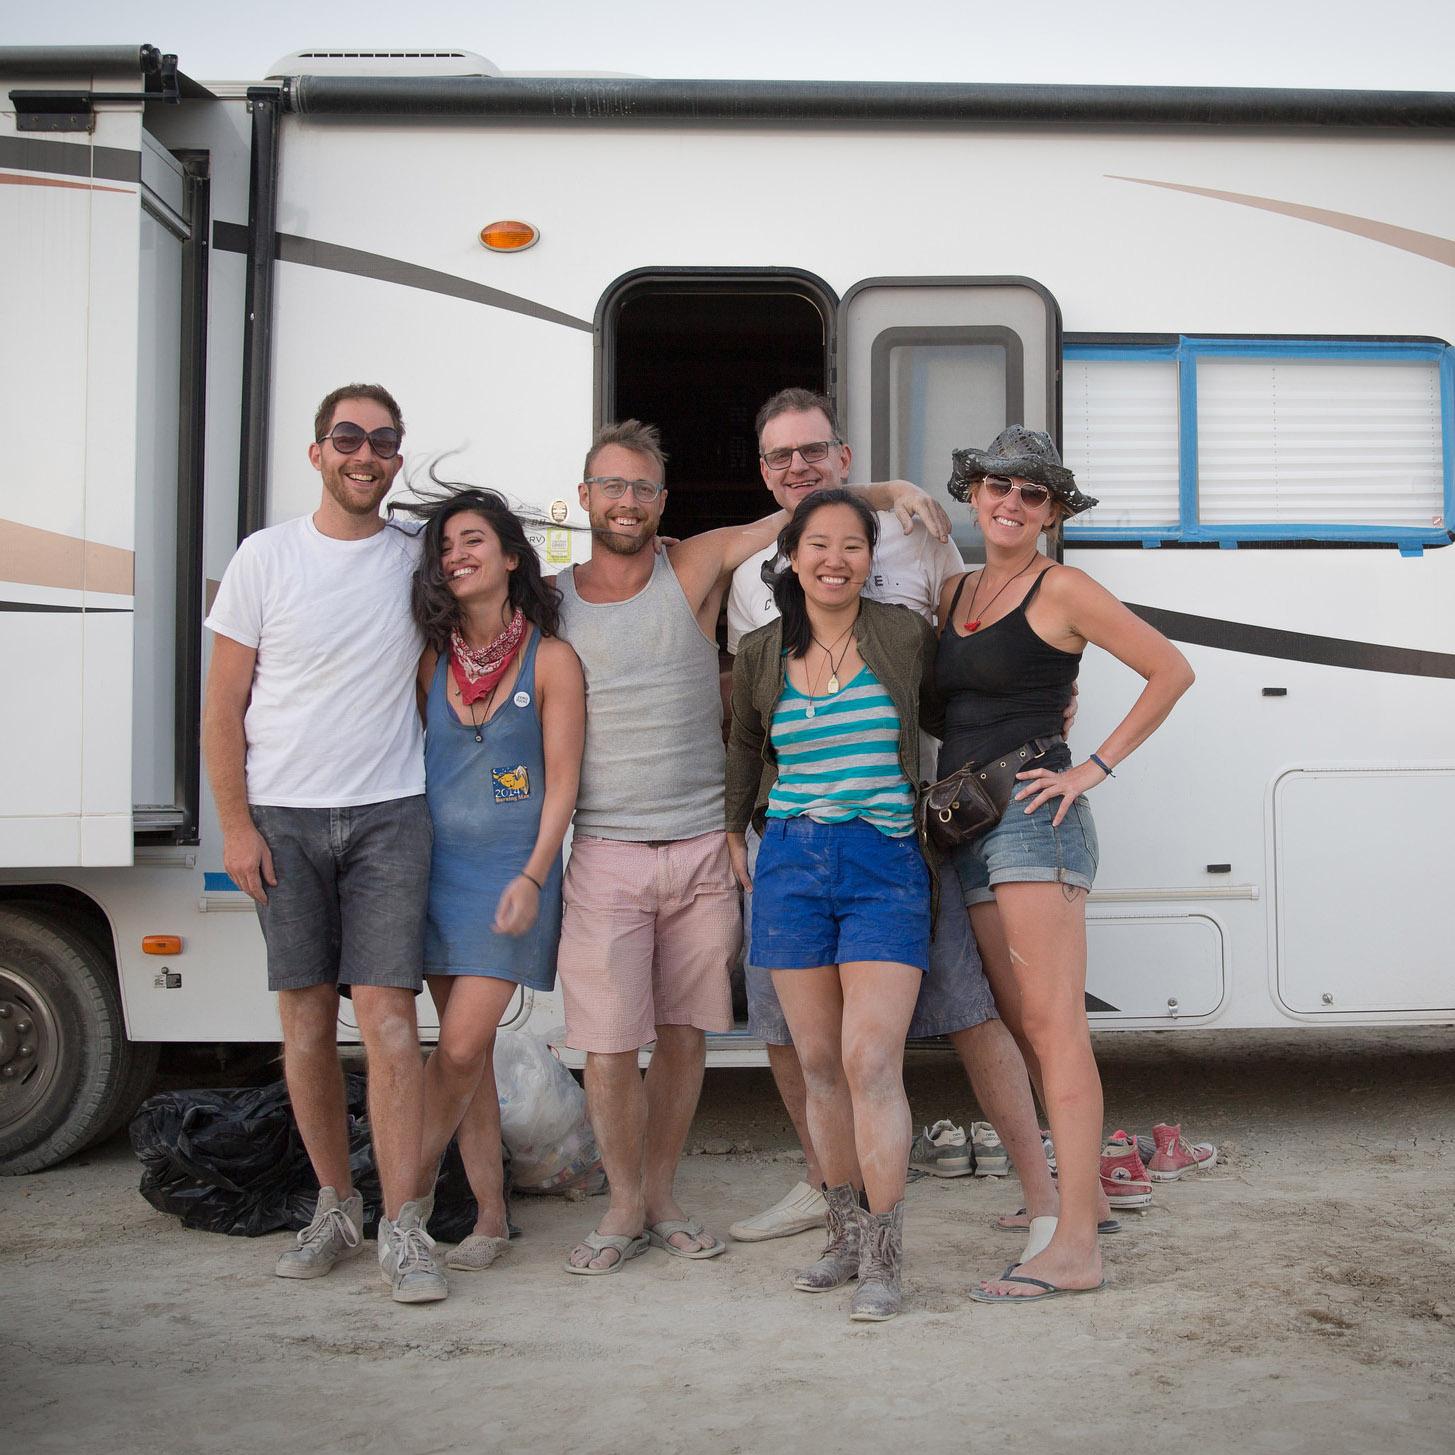 Burning Man: Tips for RVers